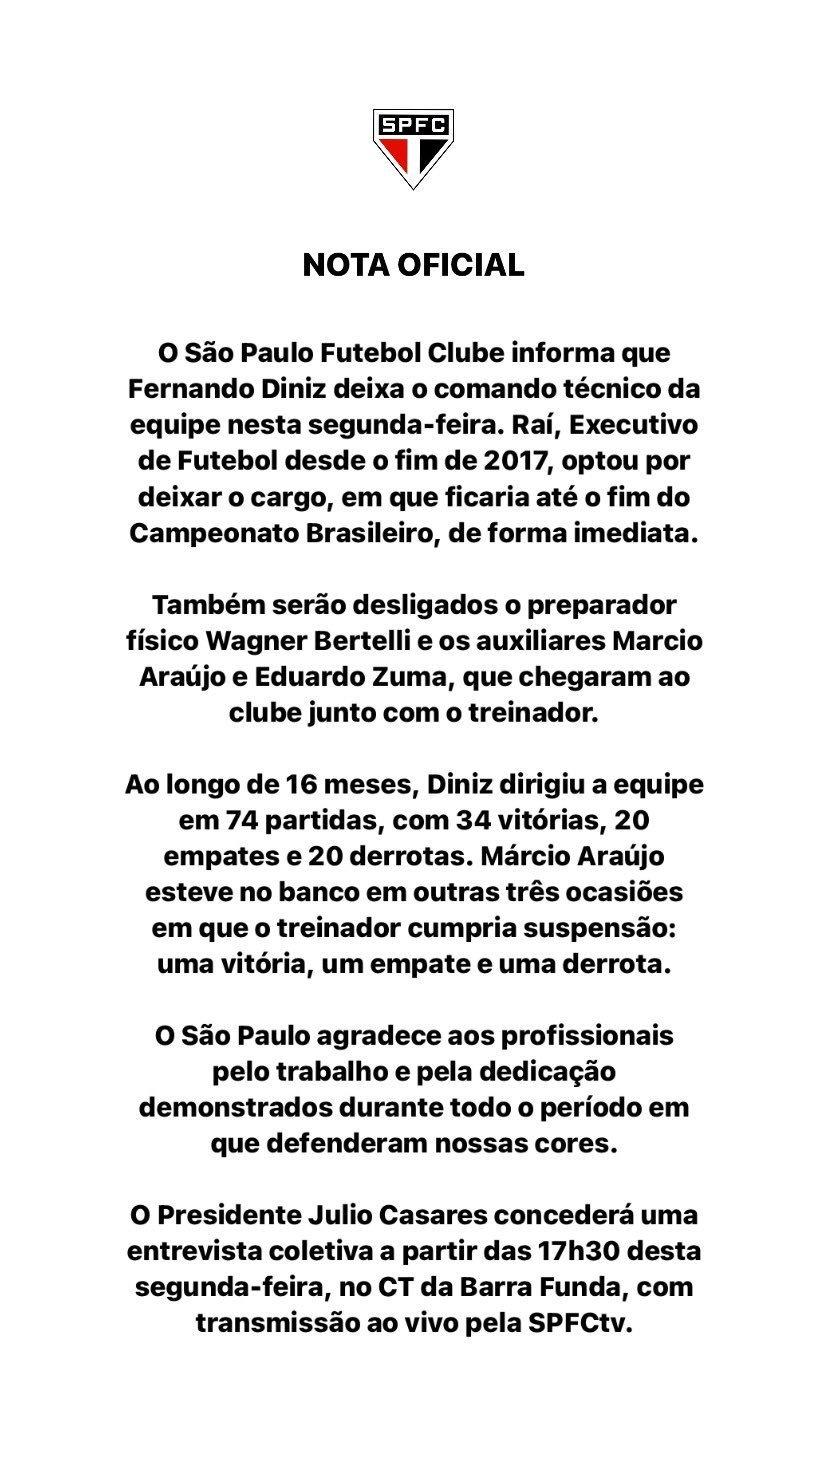 Nota oficial do São Paulo. Clube buscou proteger a imagem de Raí